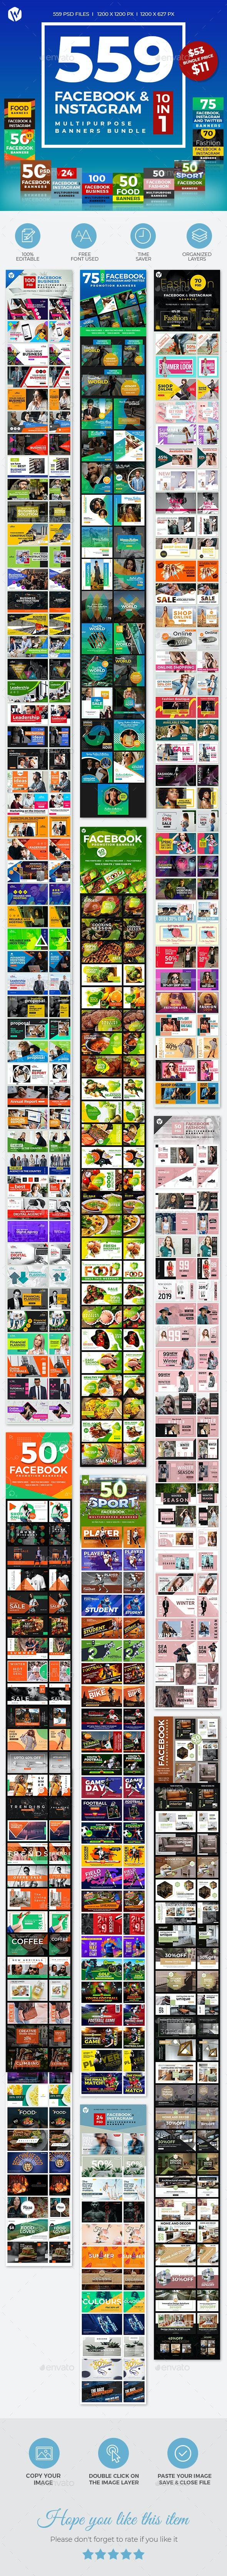 559 Facebook & Instagram Banner Bundle - Social Media Web Elements